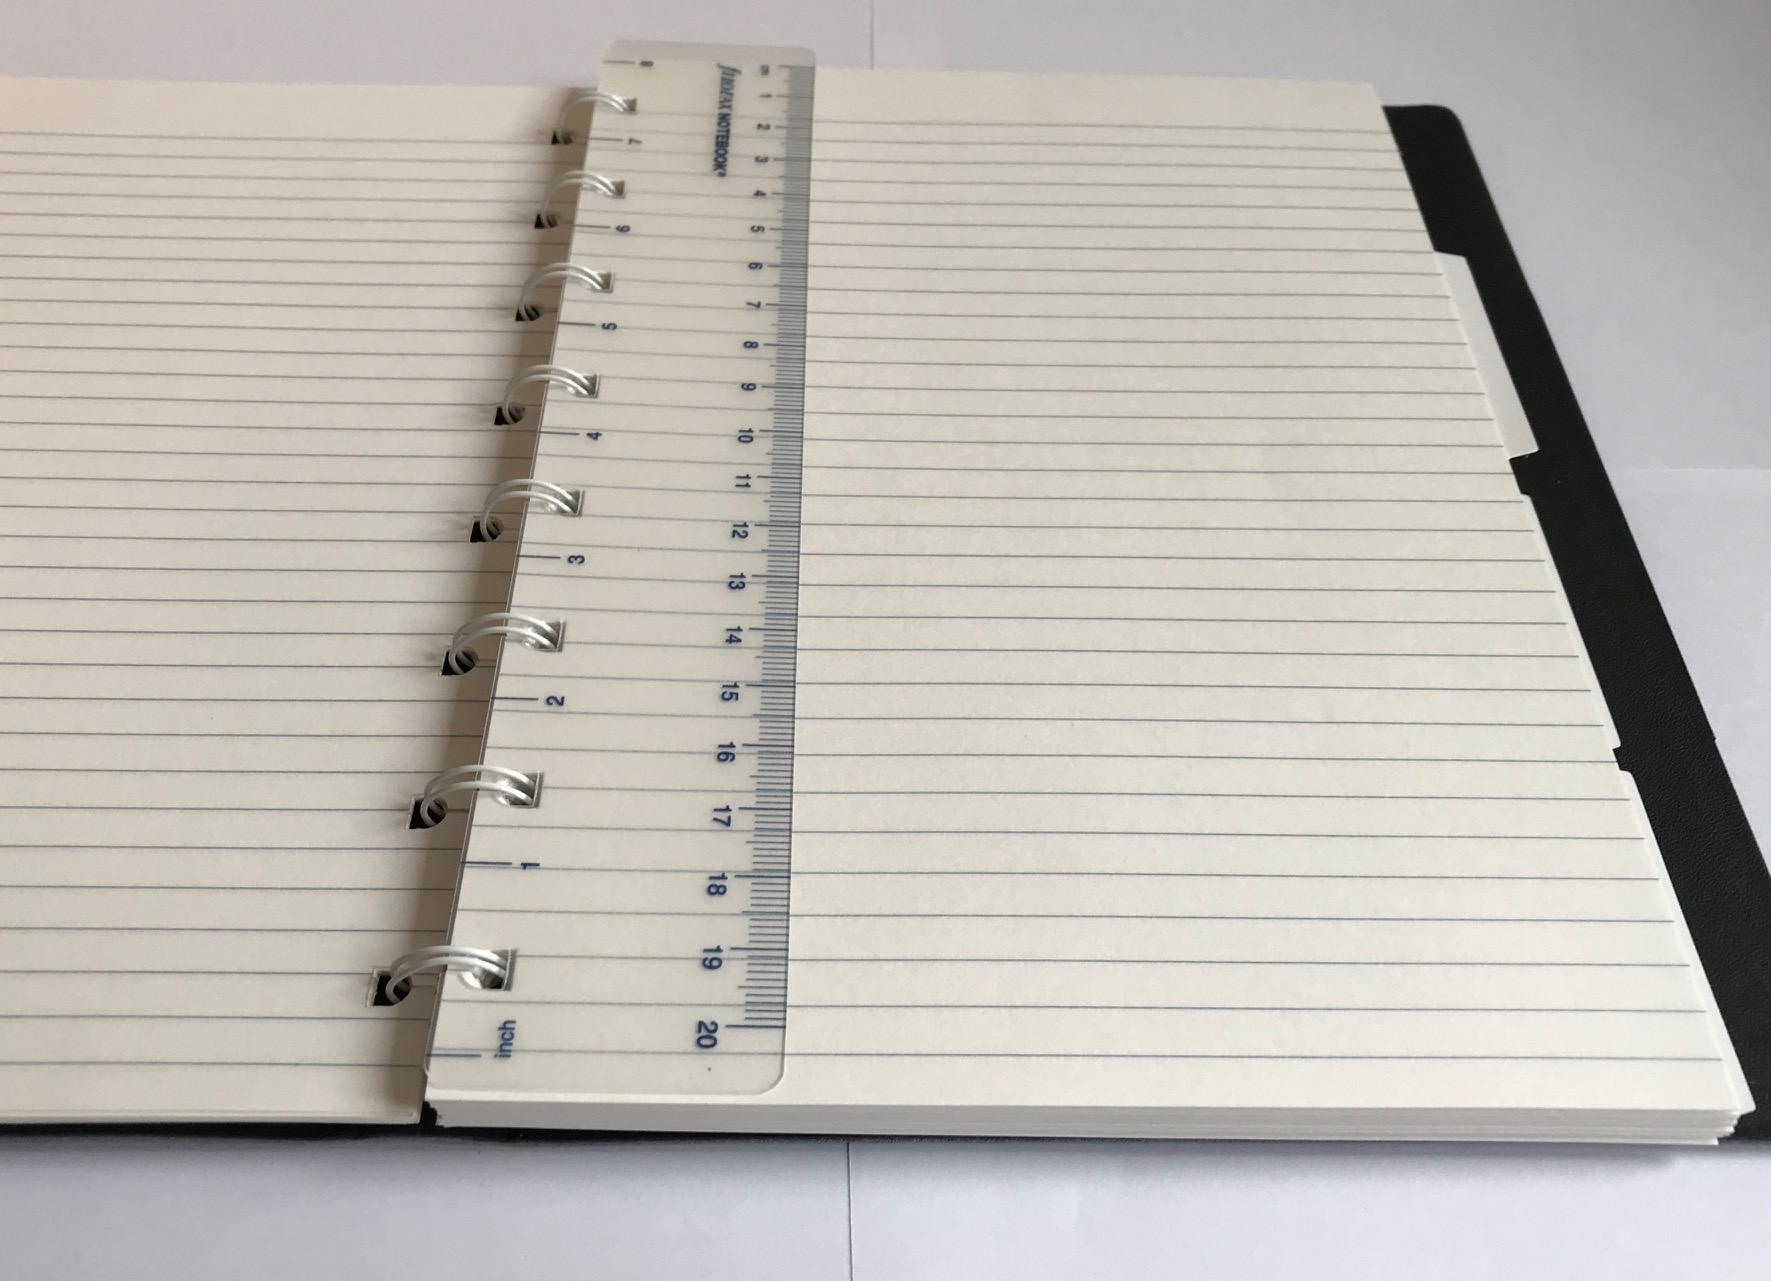 fpn_1552160228__filofax_notebook_-_05_-_